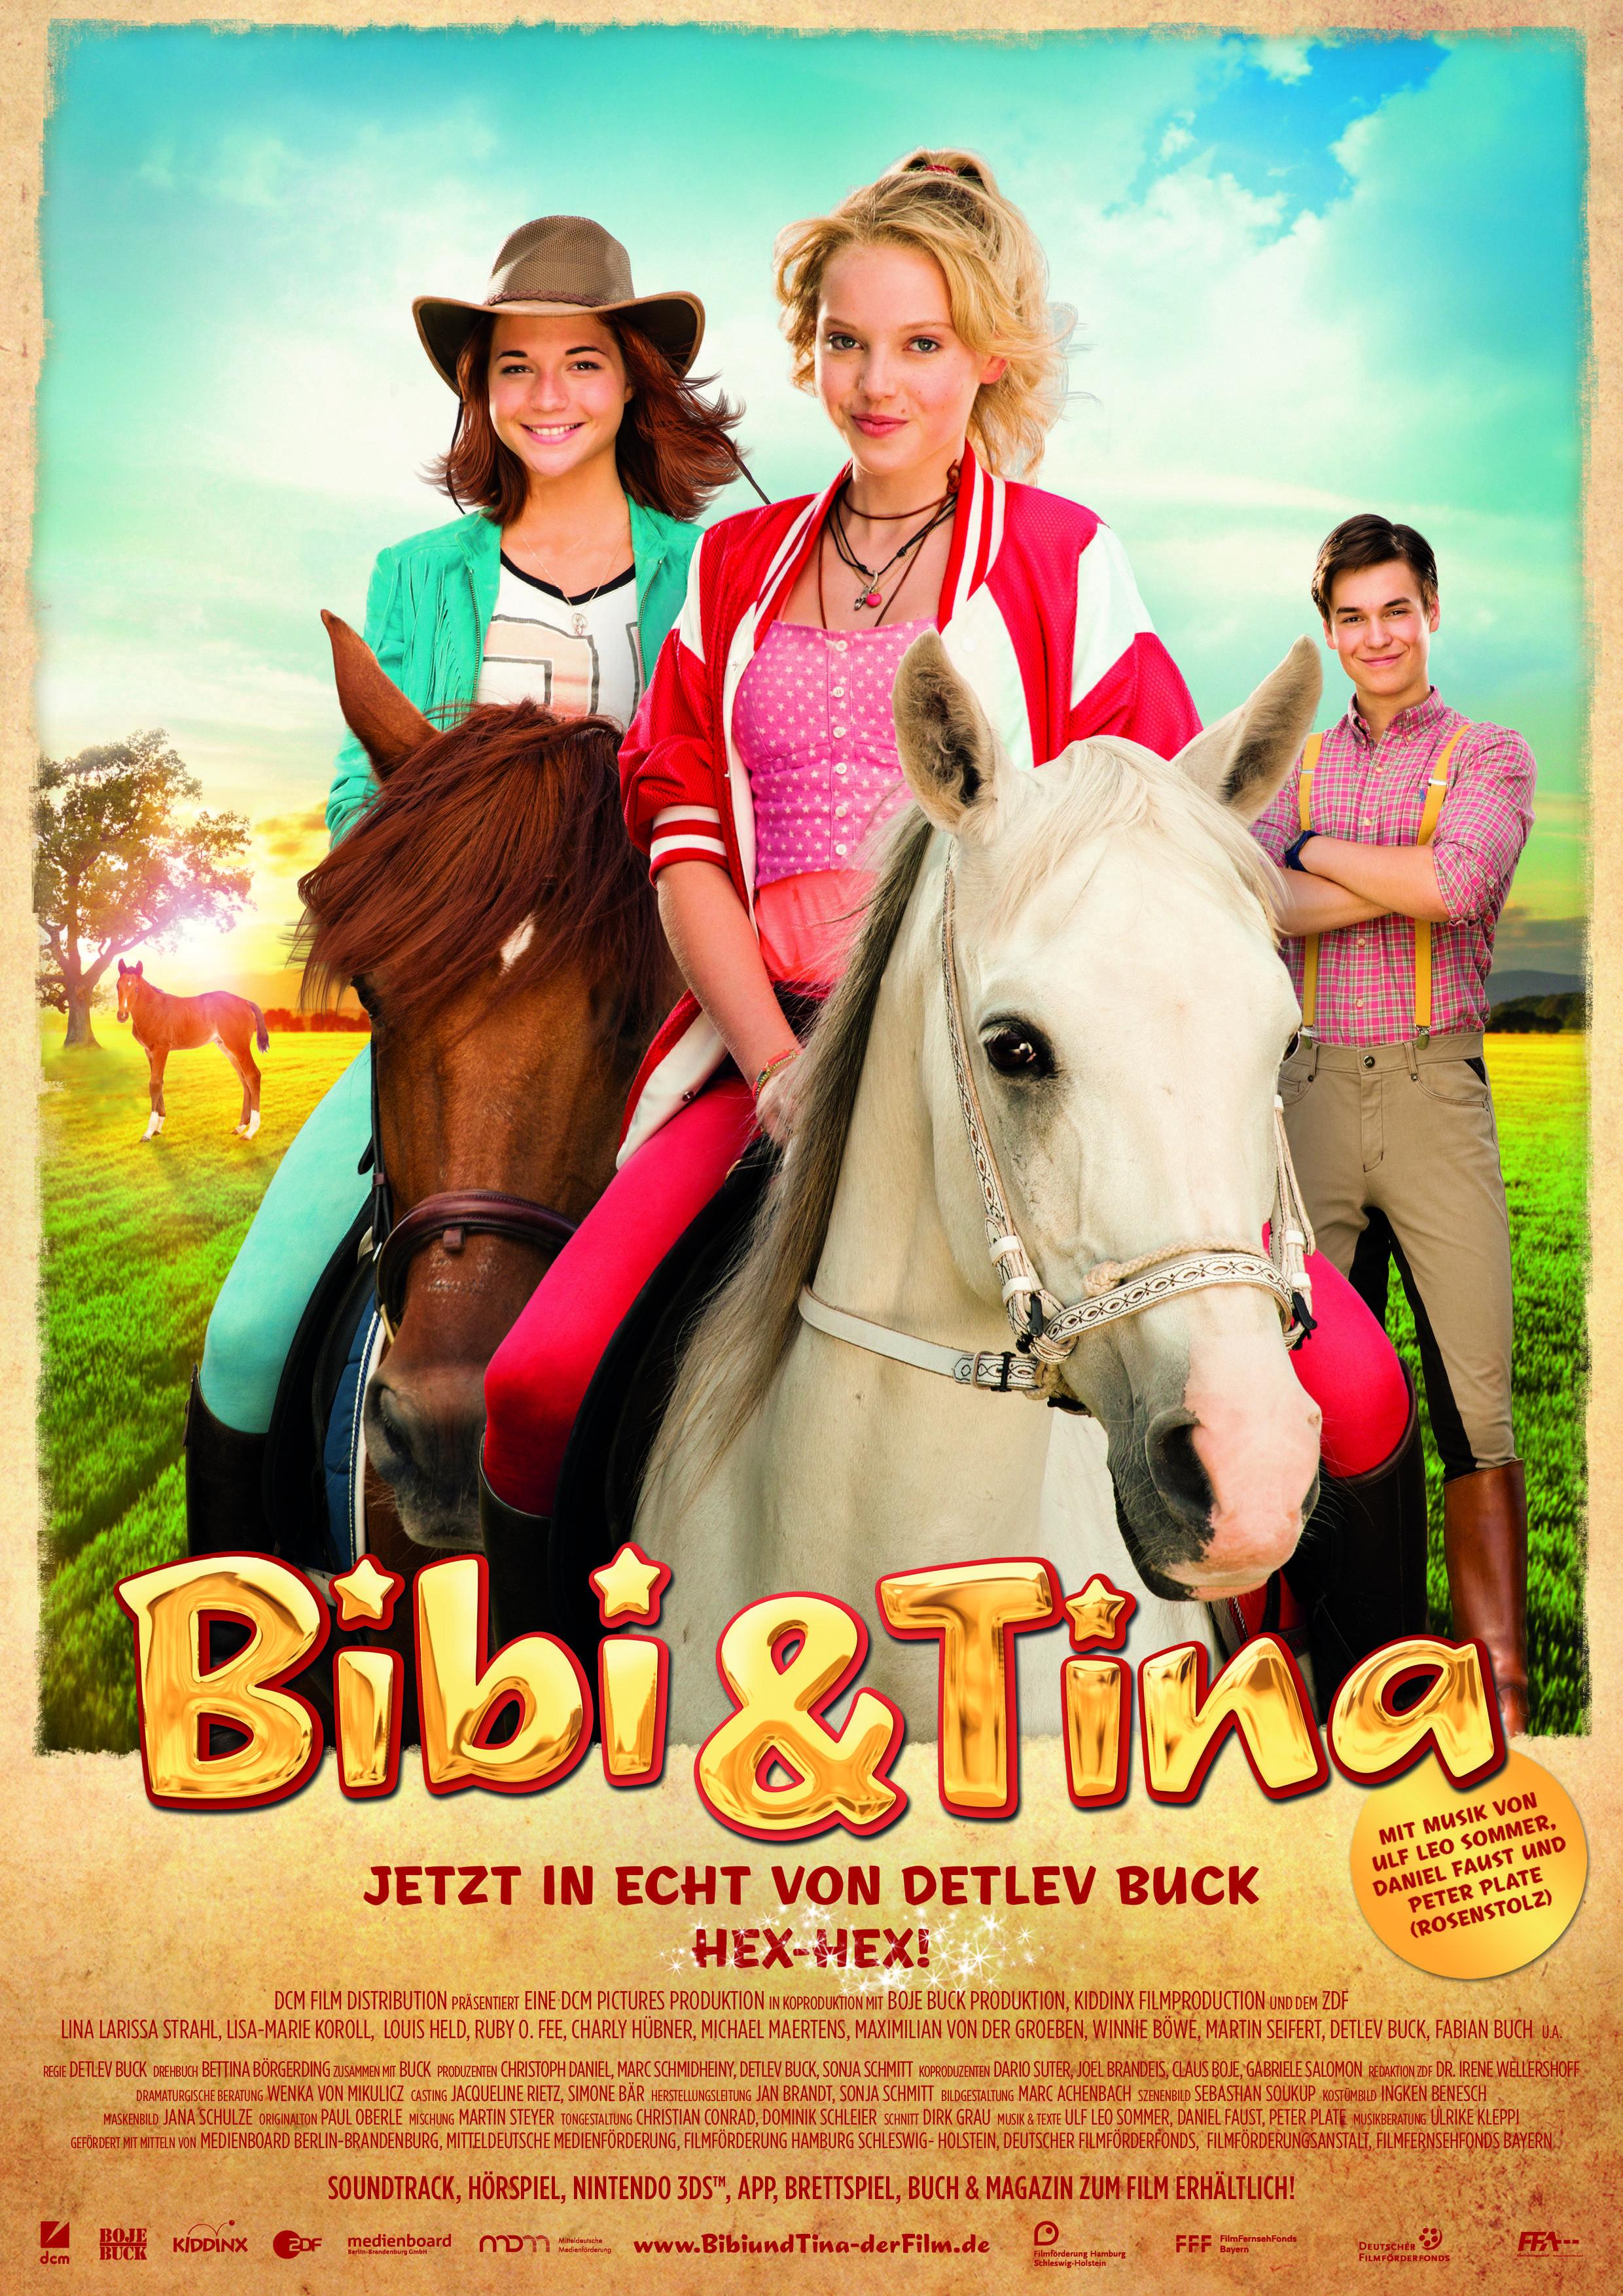 Nach Lisa Marie Koroll sind LINA & Louis dran Welche Fragen sollen wir stellen BibiundTina VollVerhext Bibi & Tina Die e